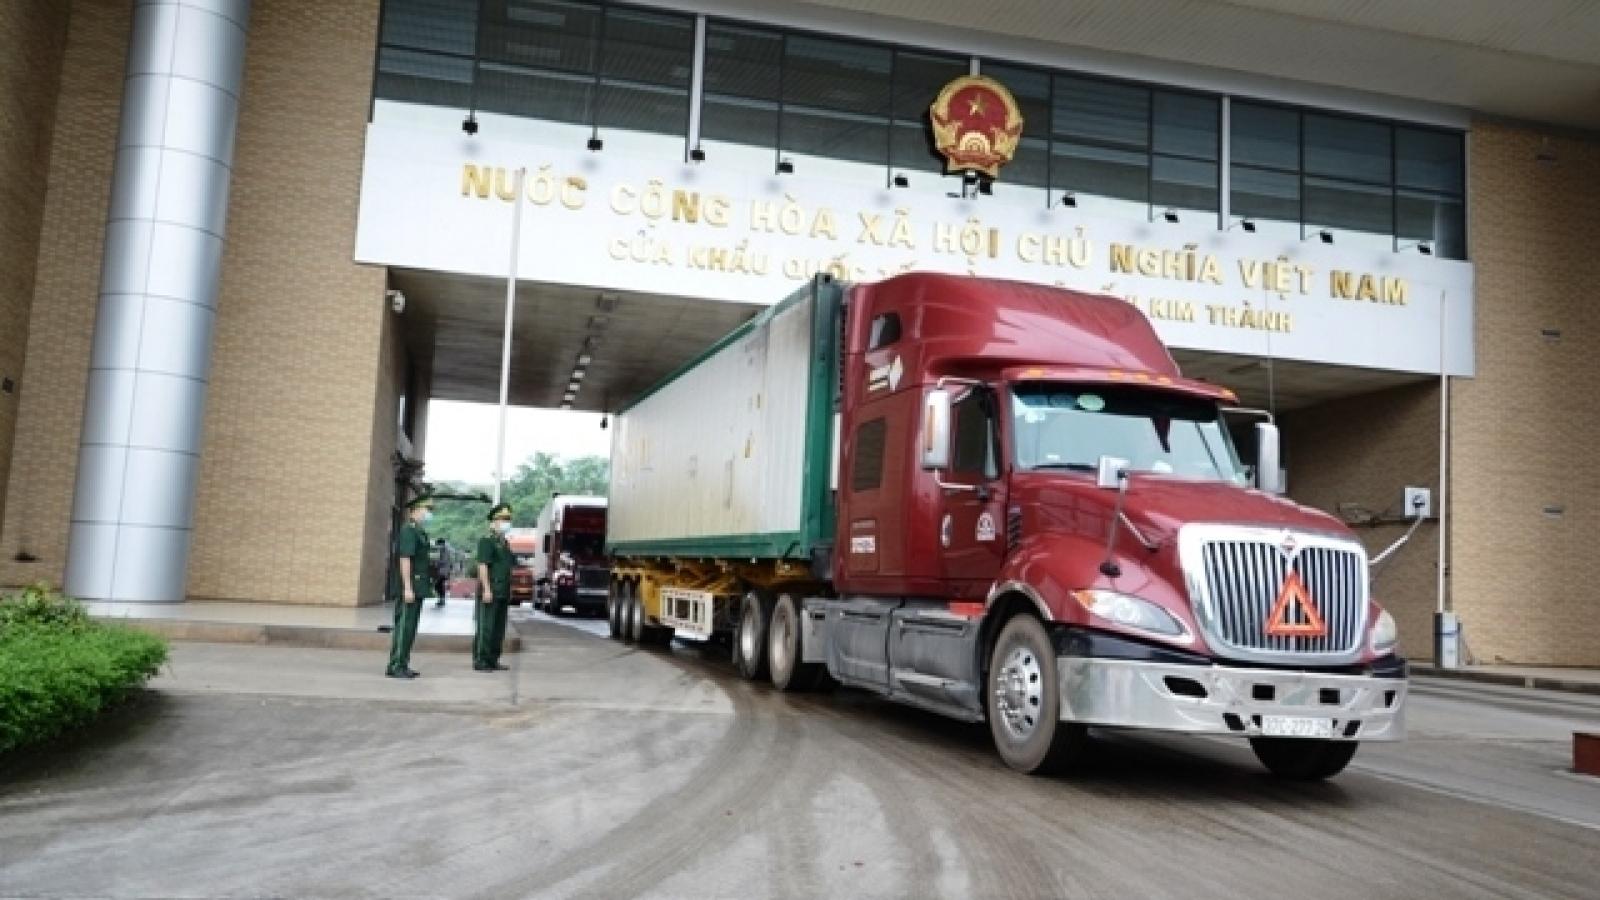 Xe chở hàng xuất nhập khẩu tới Lào Cai chỉ được lưu thông trên cao tốc